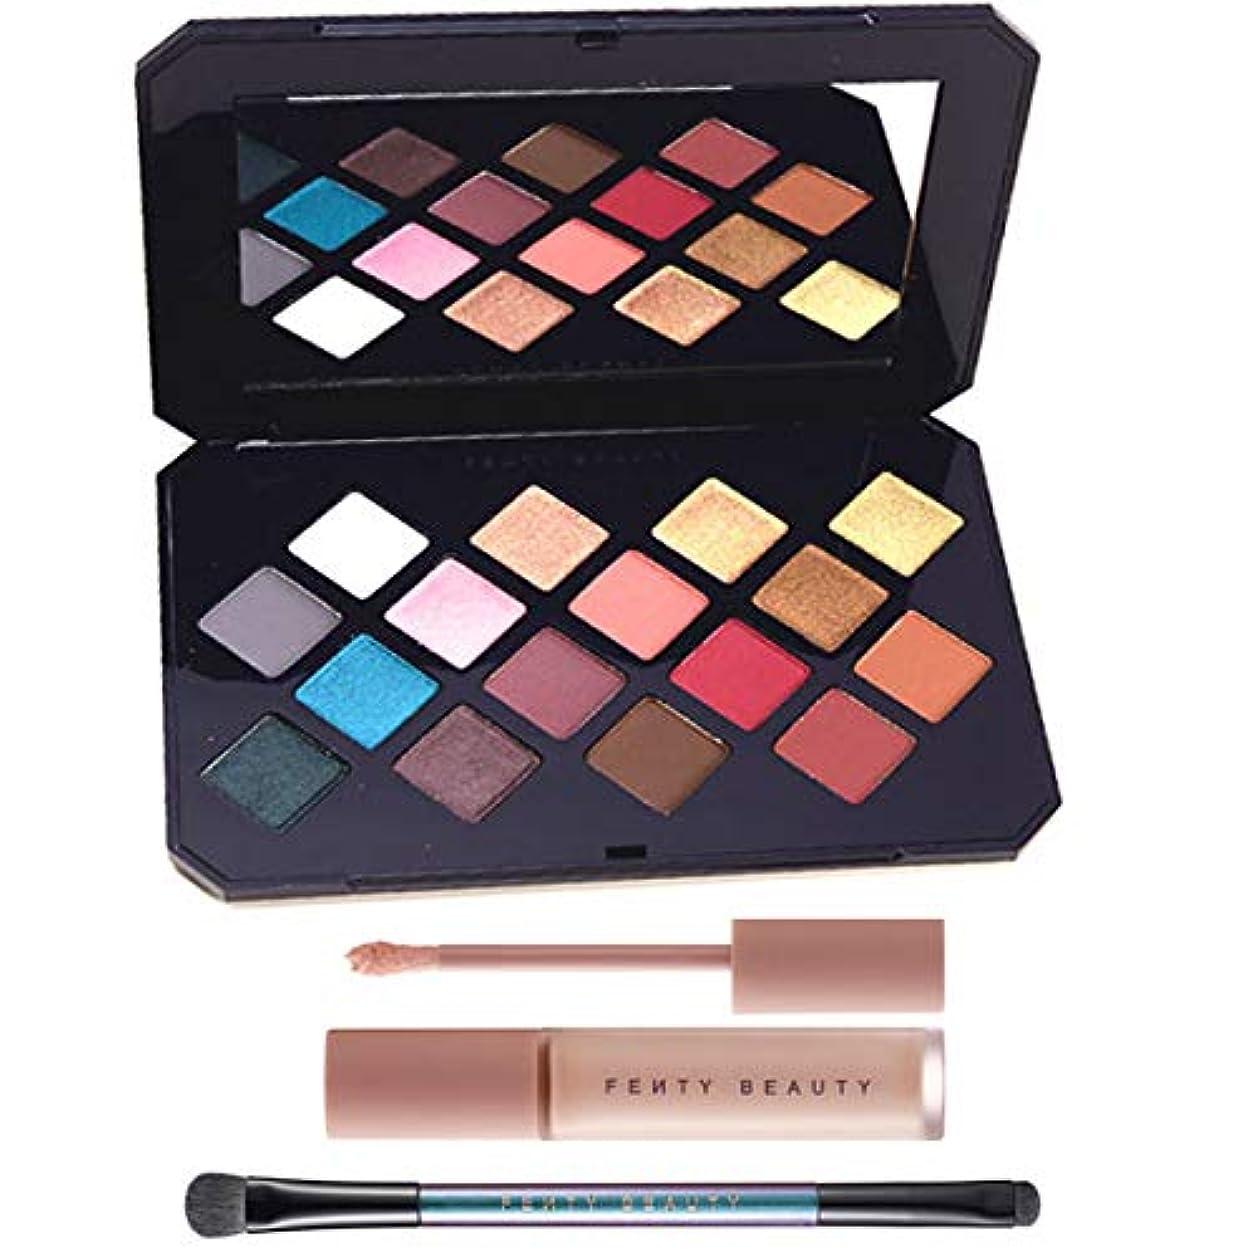 成人期ディスコ魅惑的なFENTY BEAUTY BY RIHANNA, Moroccan Spice Eyeshadow Palette & Eye Essentials [海外直送品] [並行輸入品]